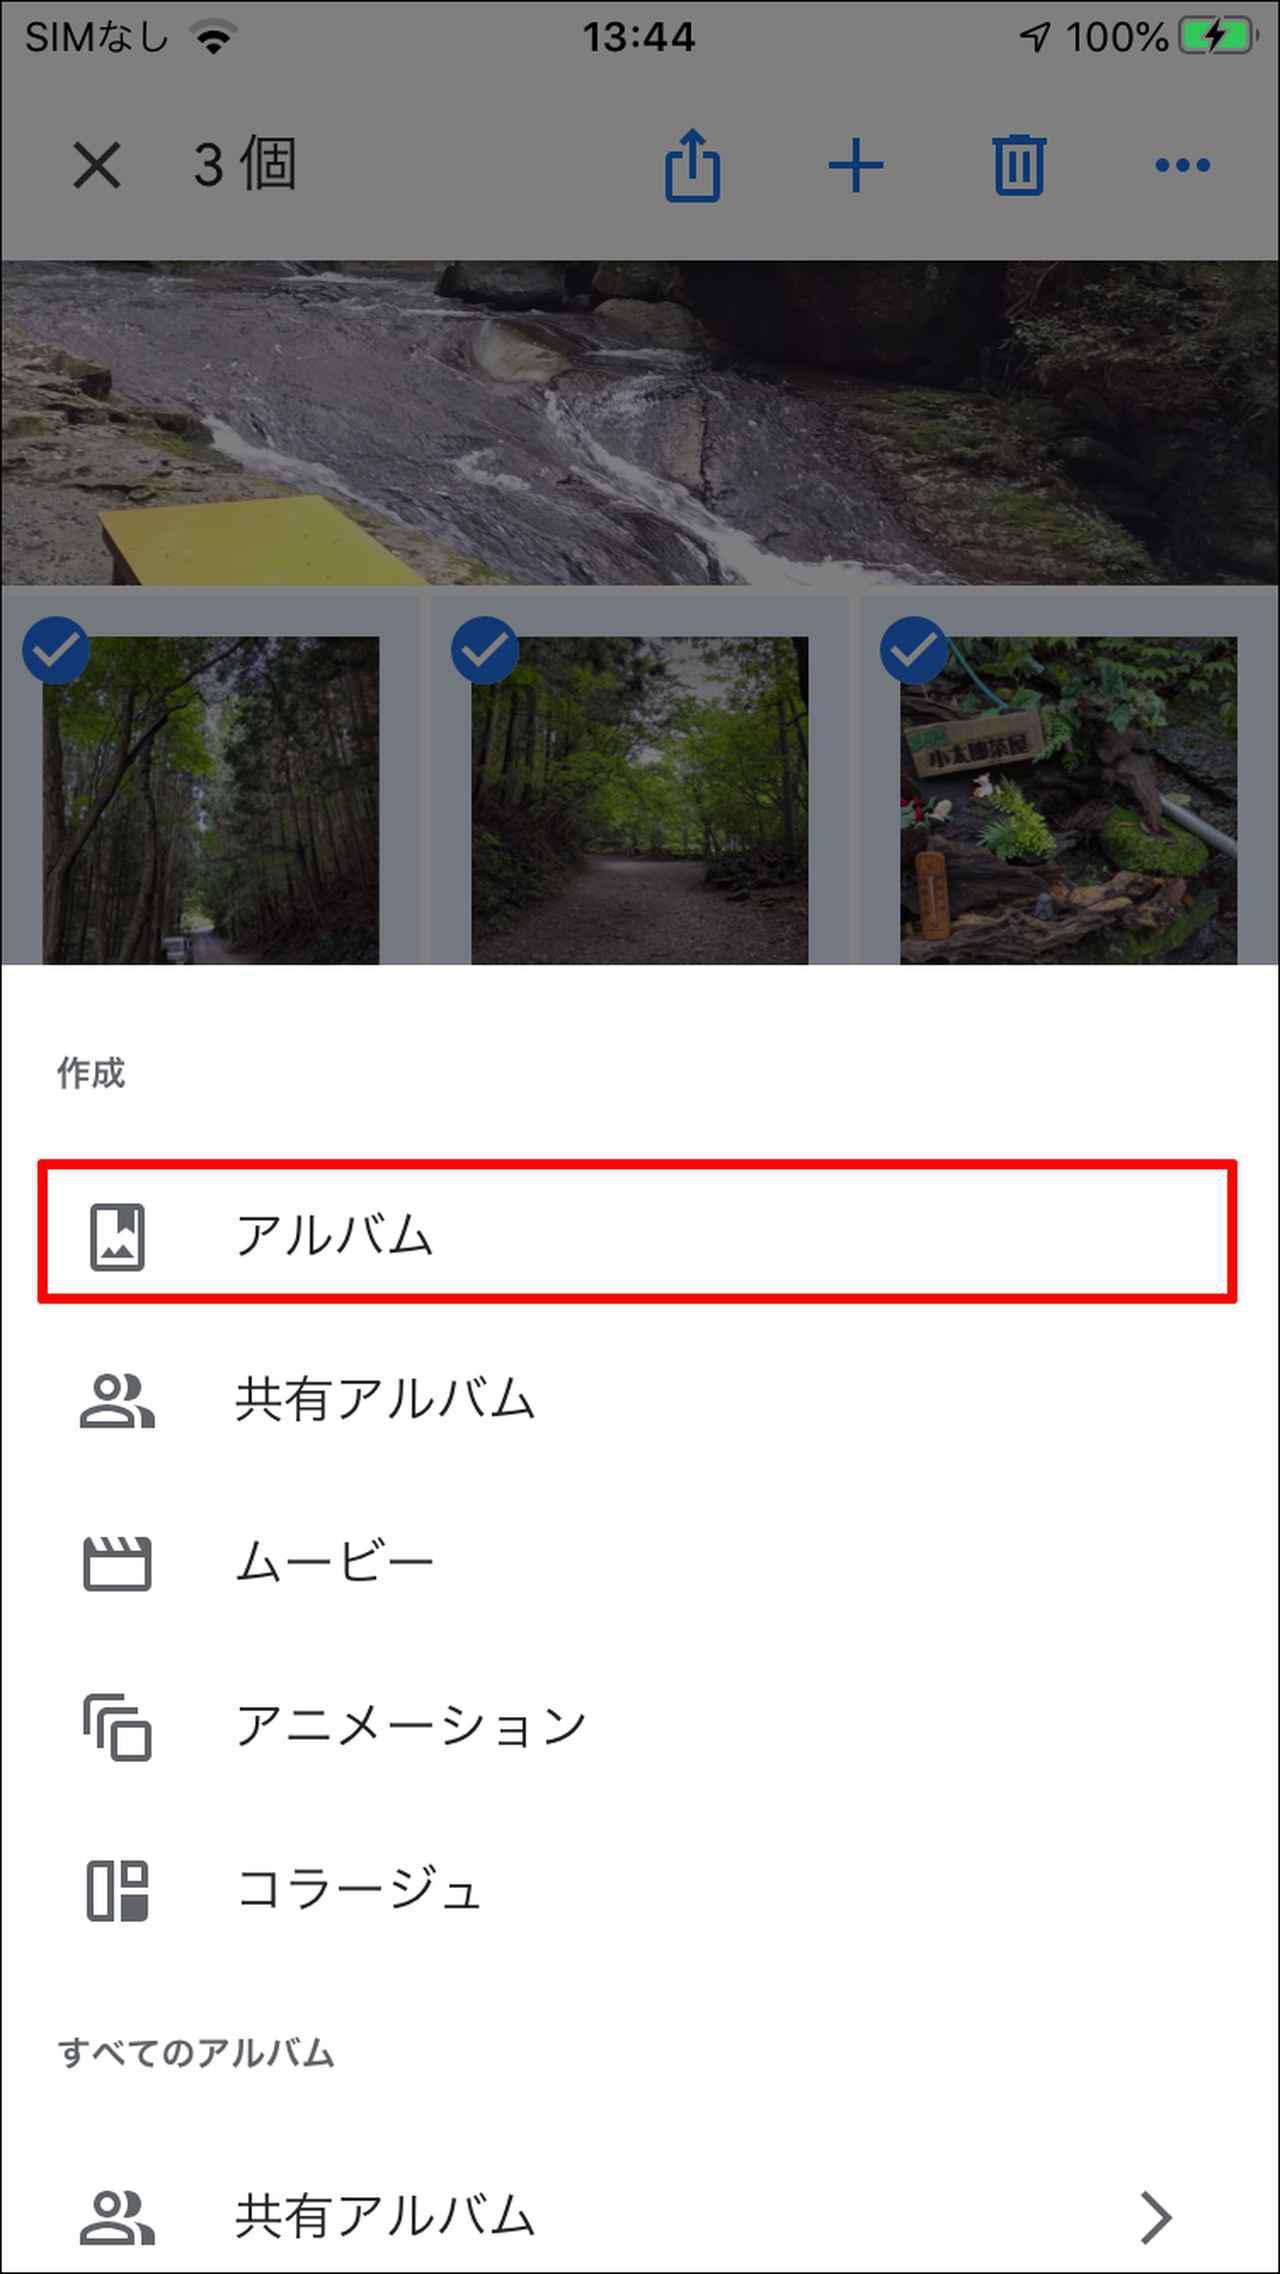 画像5: 【Googleフォト】有料化後にとるべき3つの選択肢とは?2021年5月末で無料の高画質・容量無制限バックアップが廃止